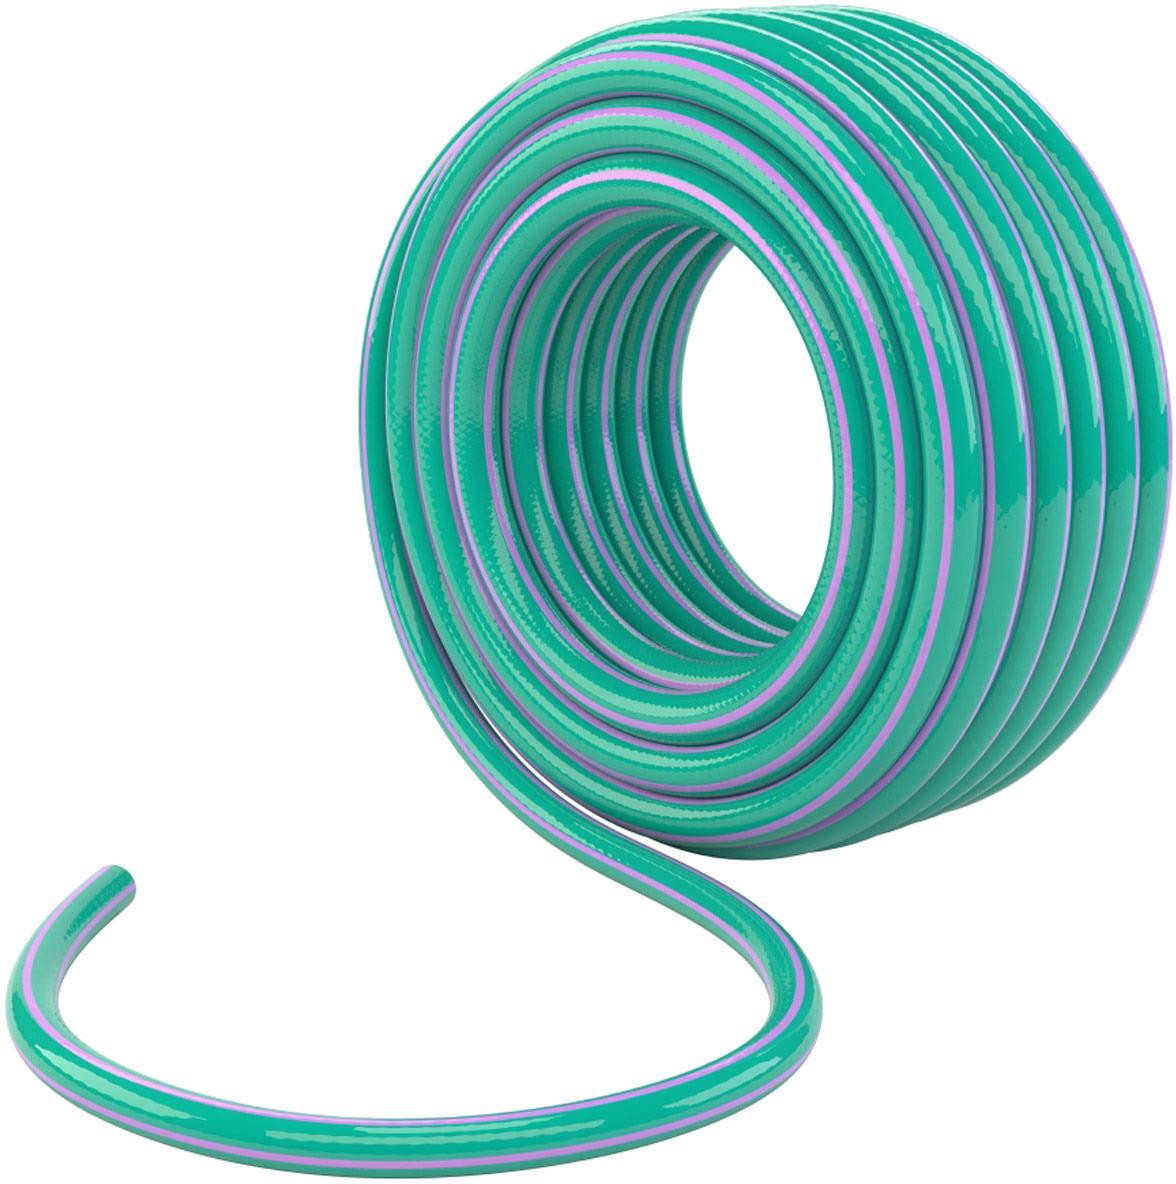 Шланг поливочный Palisad, цвет: зеленый, длина 25 м. 67651 ножницы palisad 60573